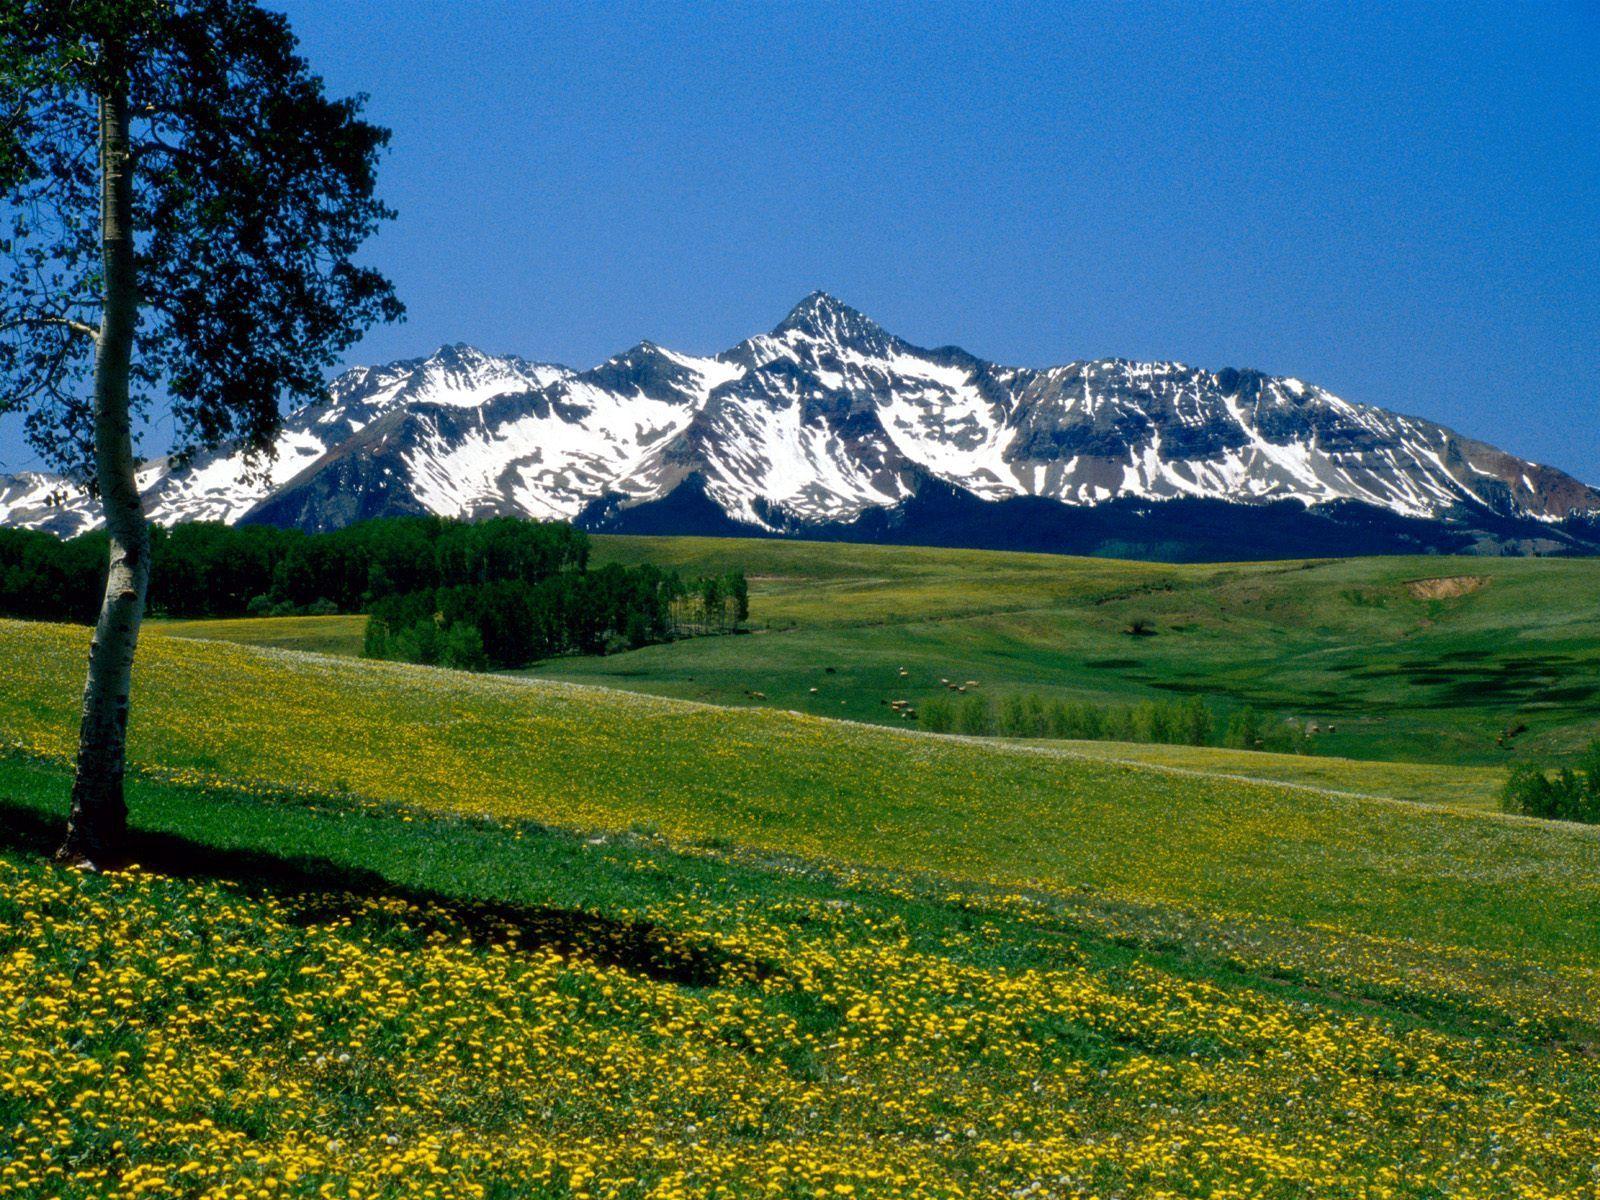 134198 télécharger le fond d'écran Bois, Nature, Fleurs, Herbe, Montagnes, Arbre, Prairies, Colorado - économiseurs d'écran et images gratuitement